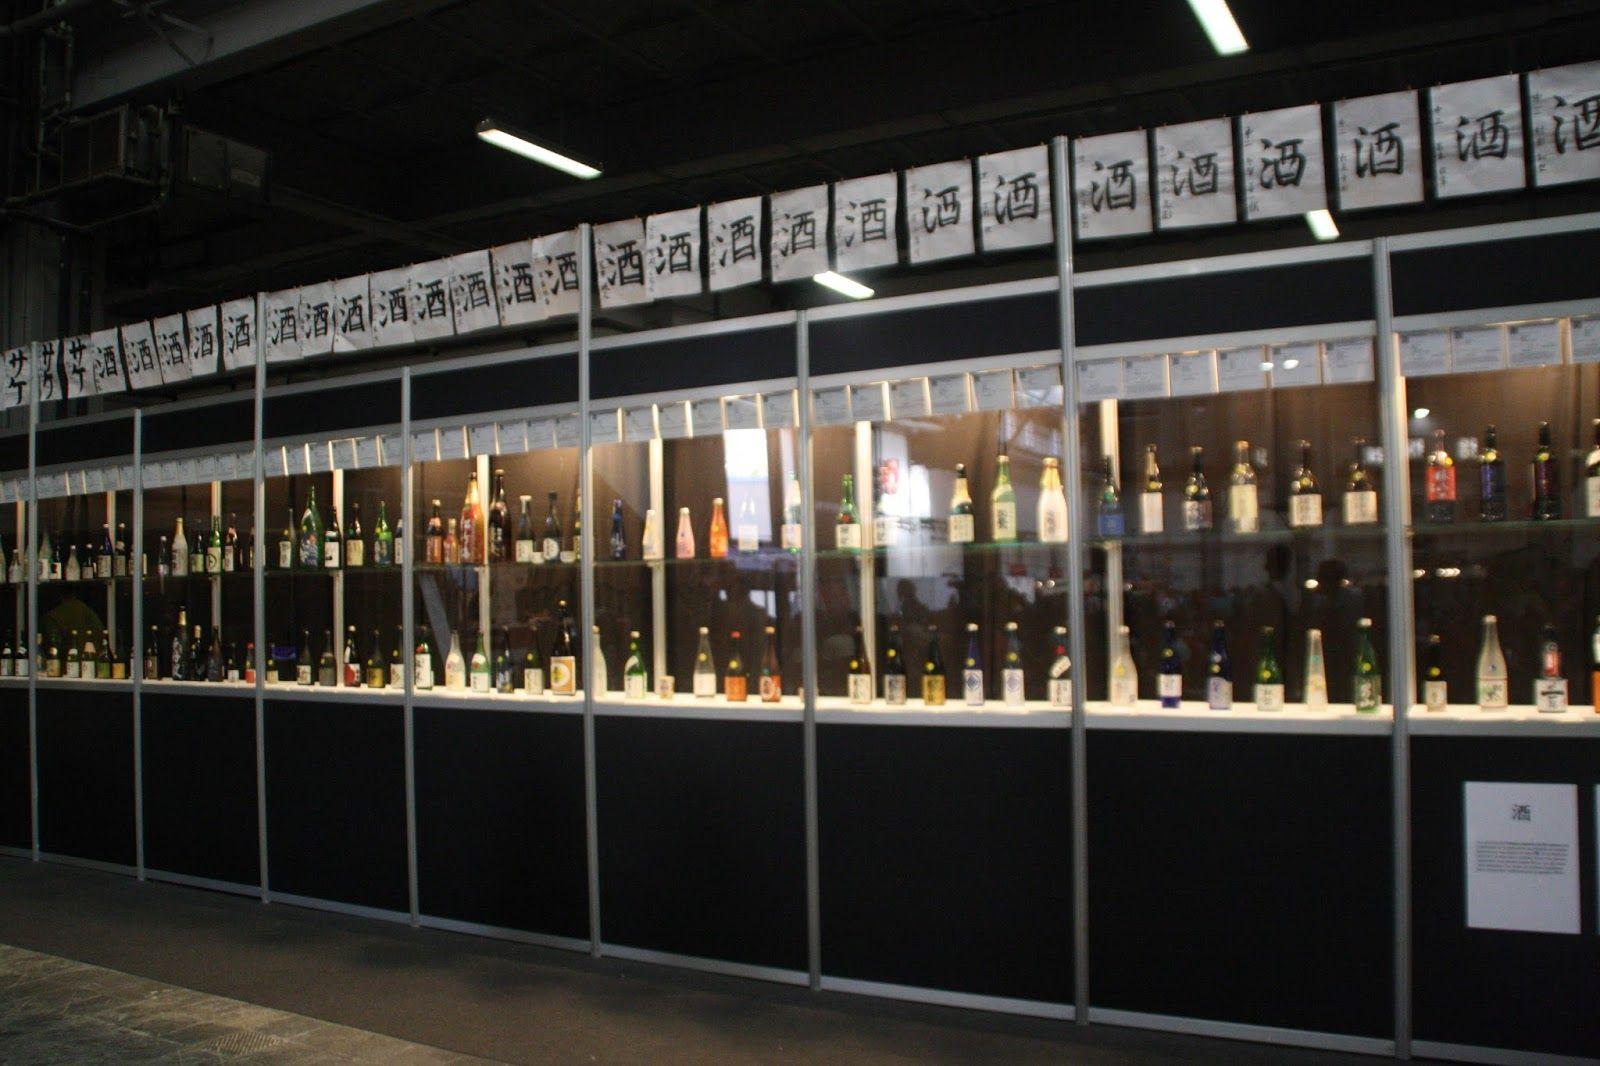 Exposición sobre el sake